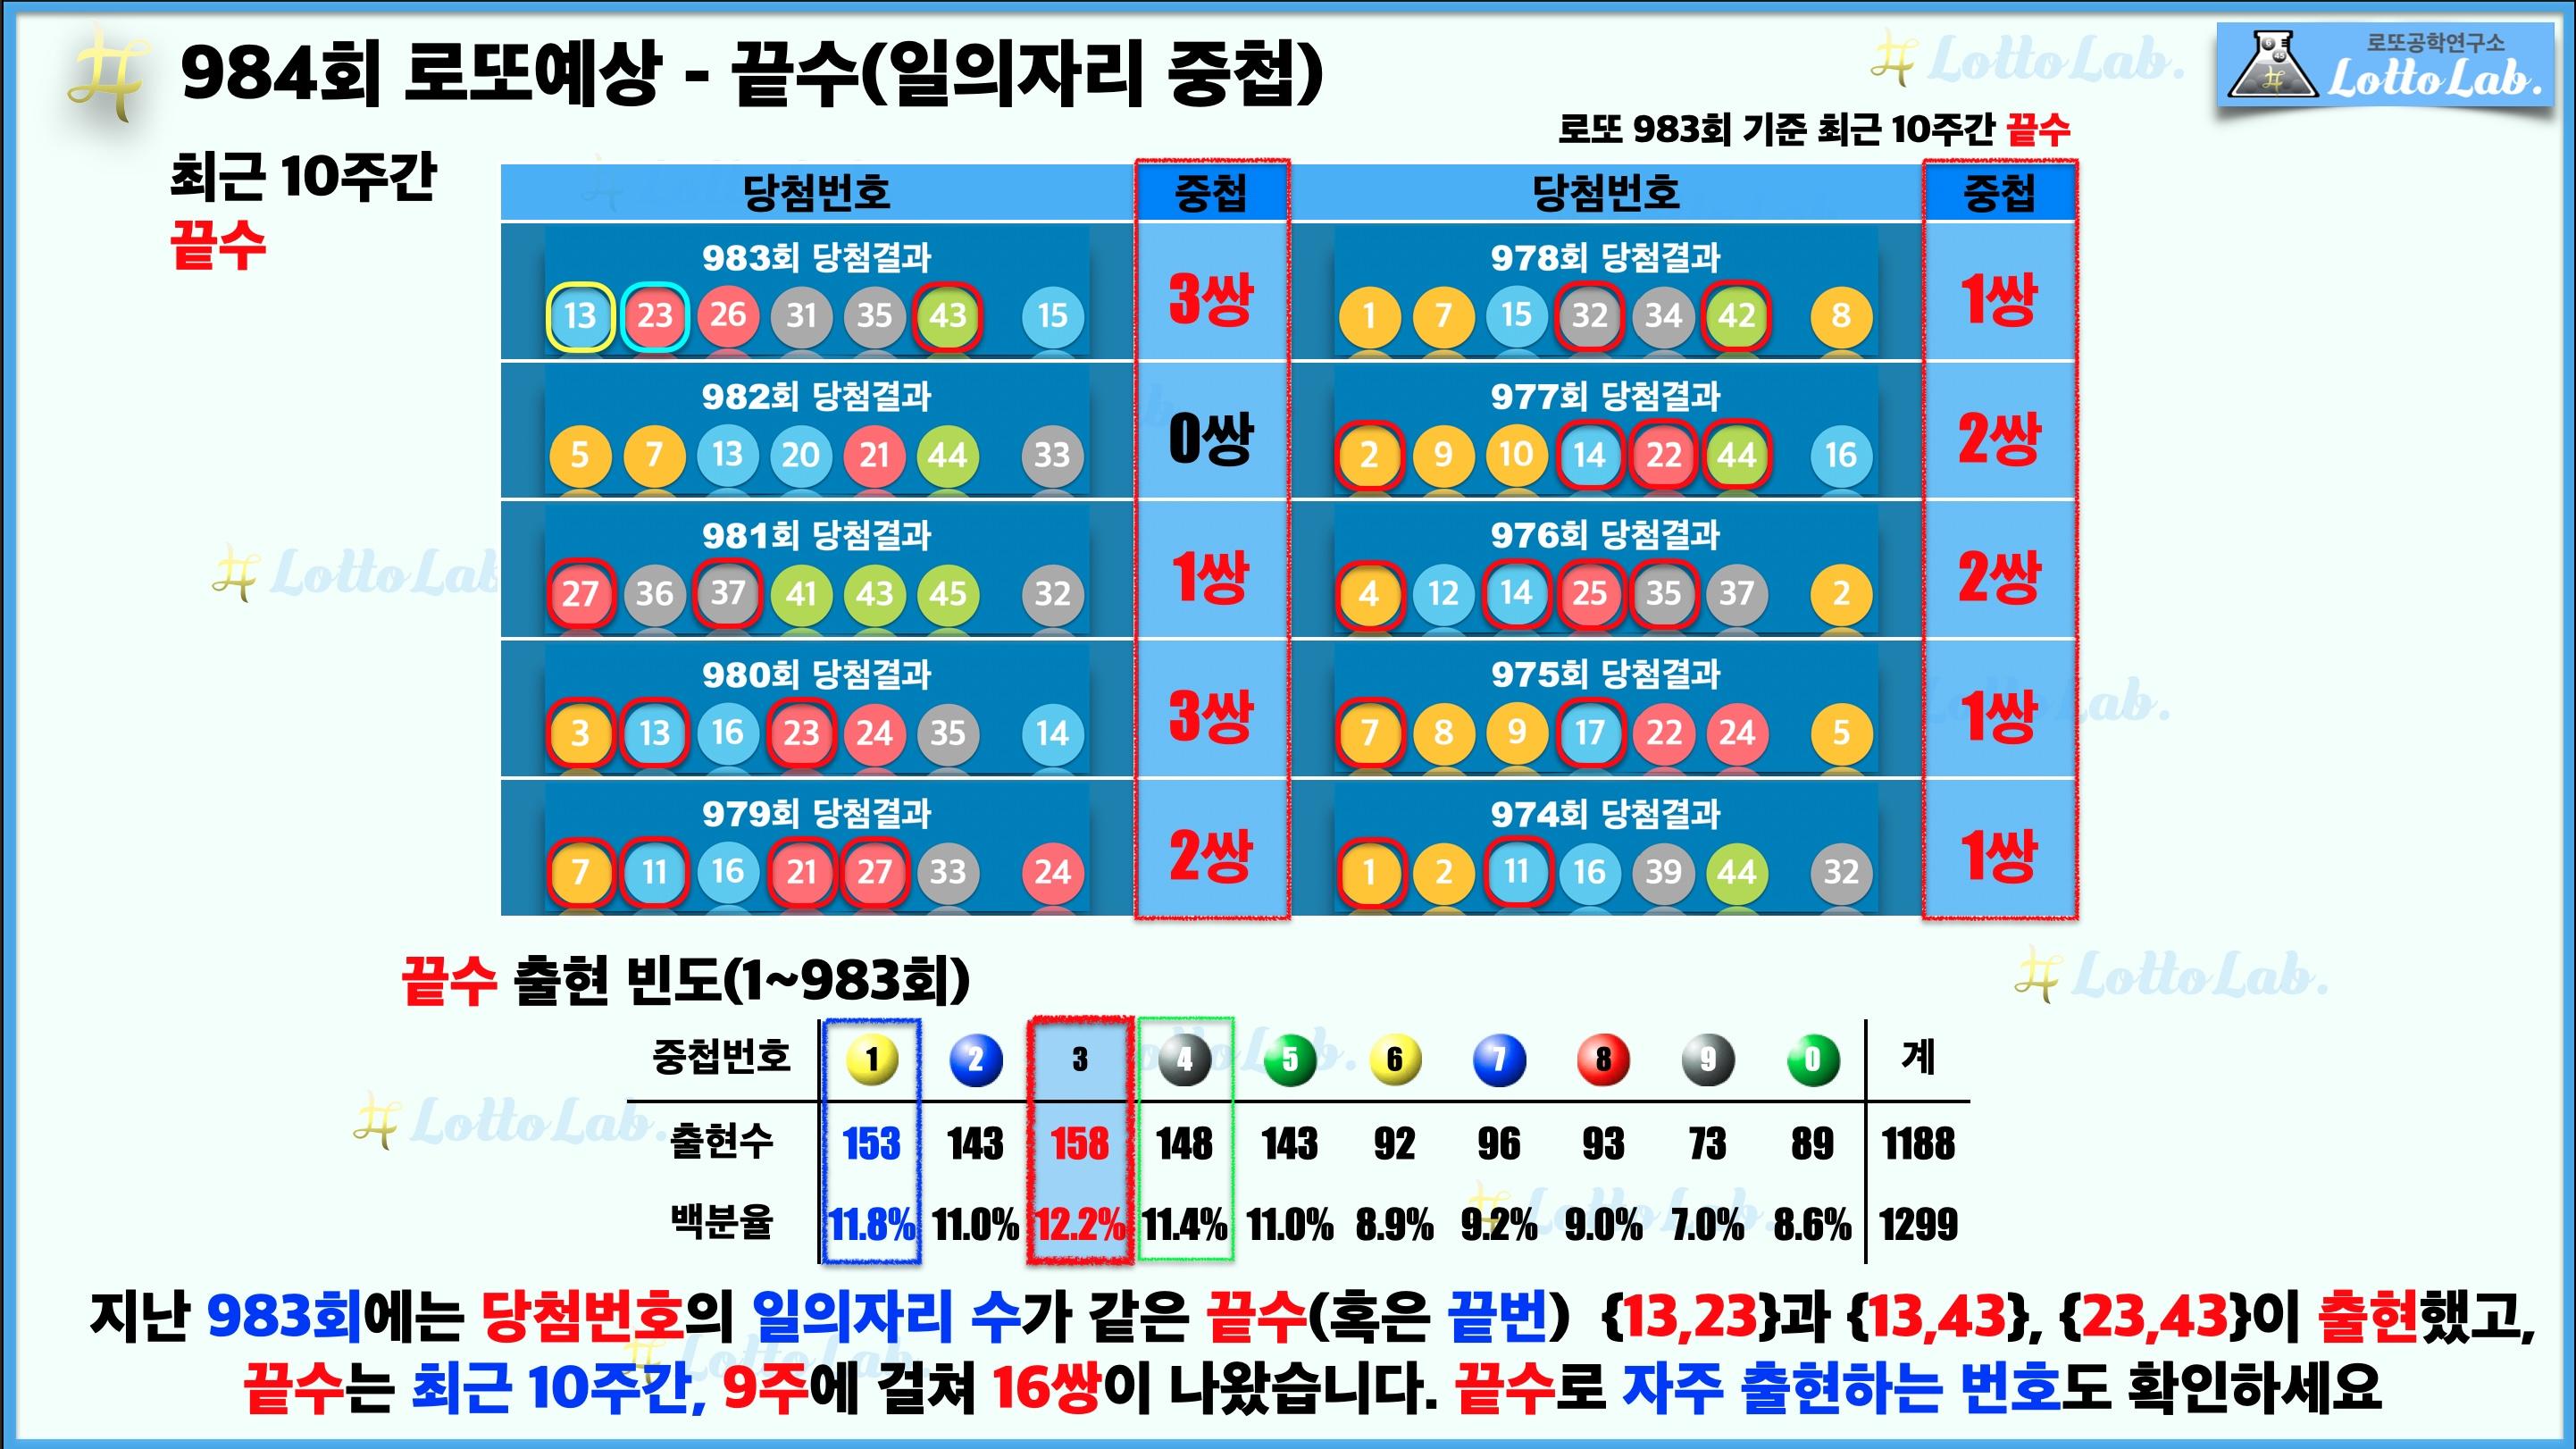 로또랩 로또984 당첨 번호 예상 - 끝수